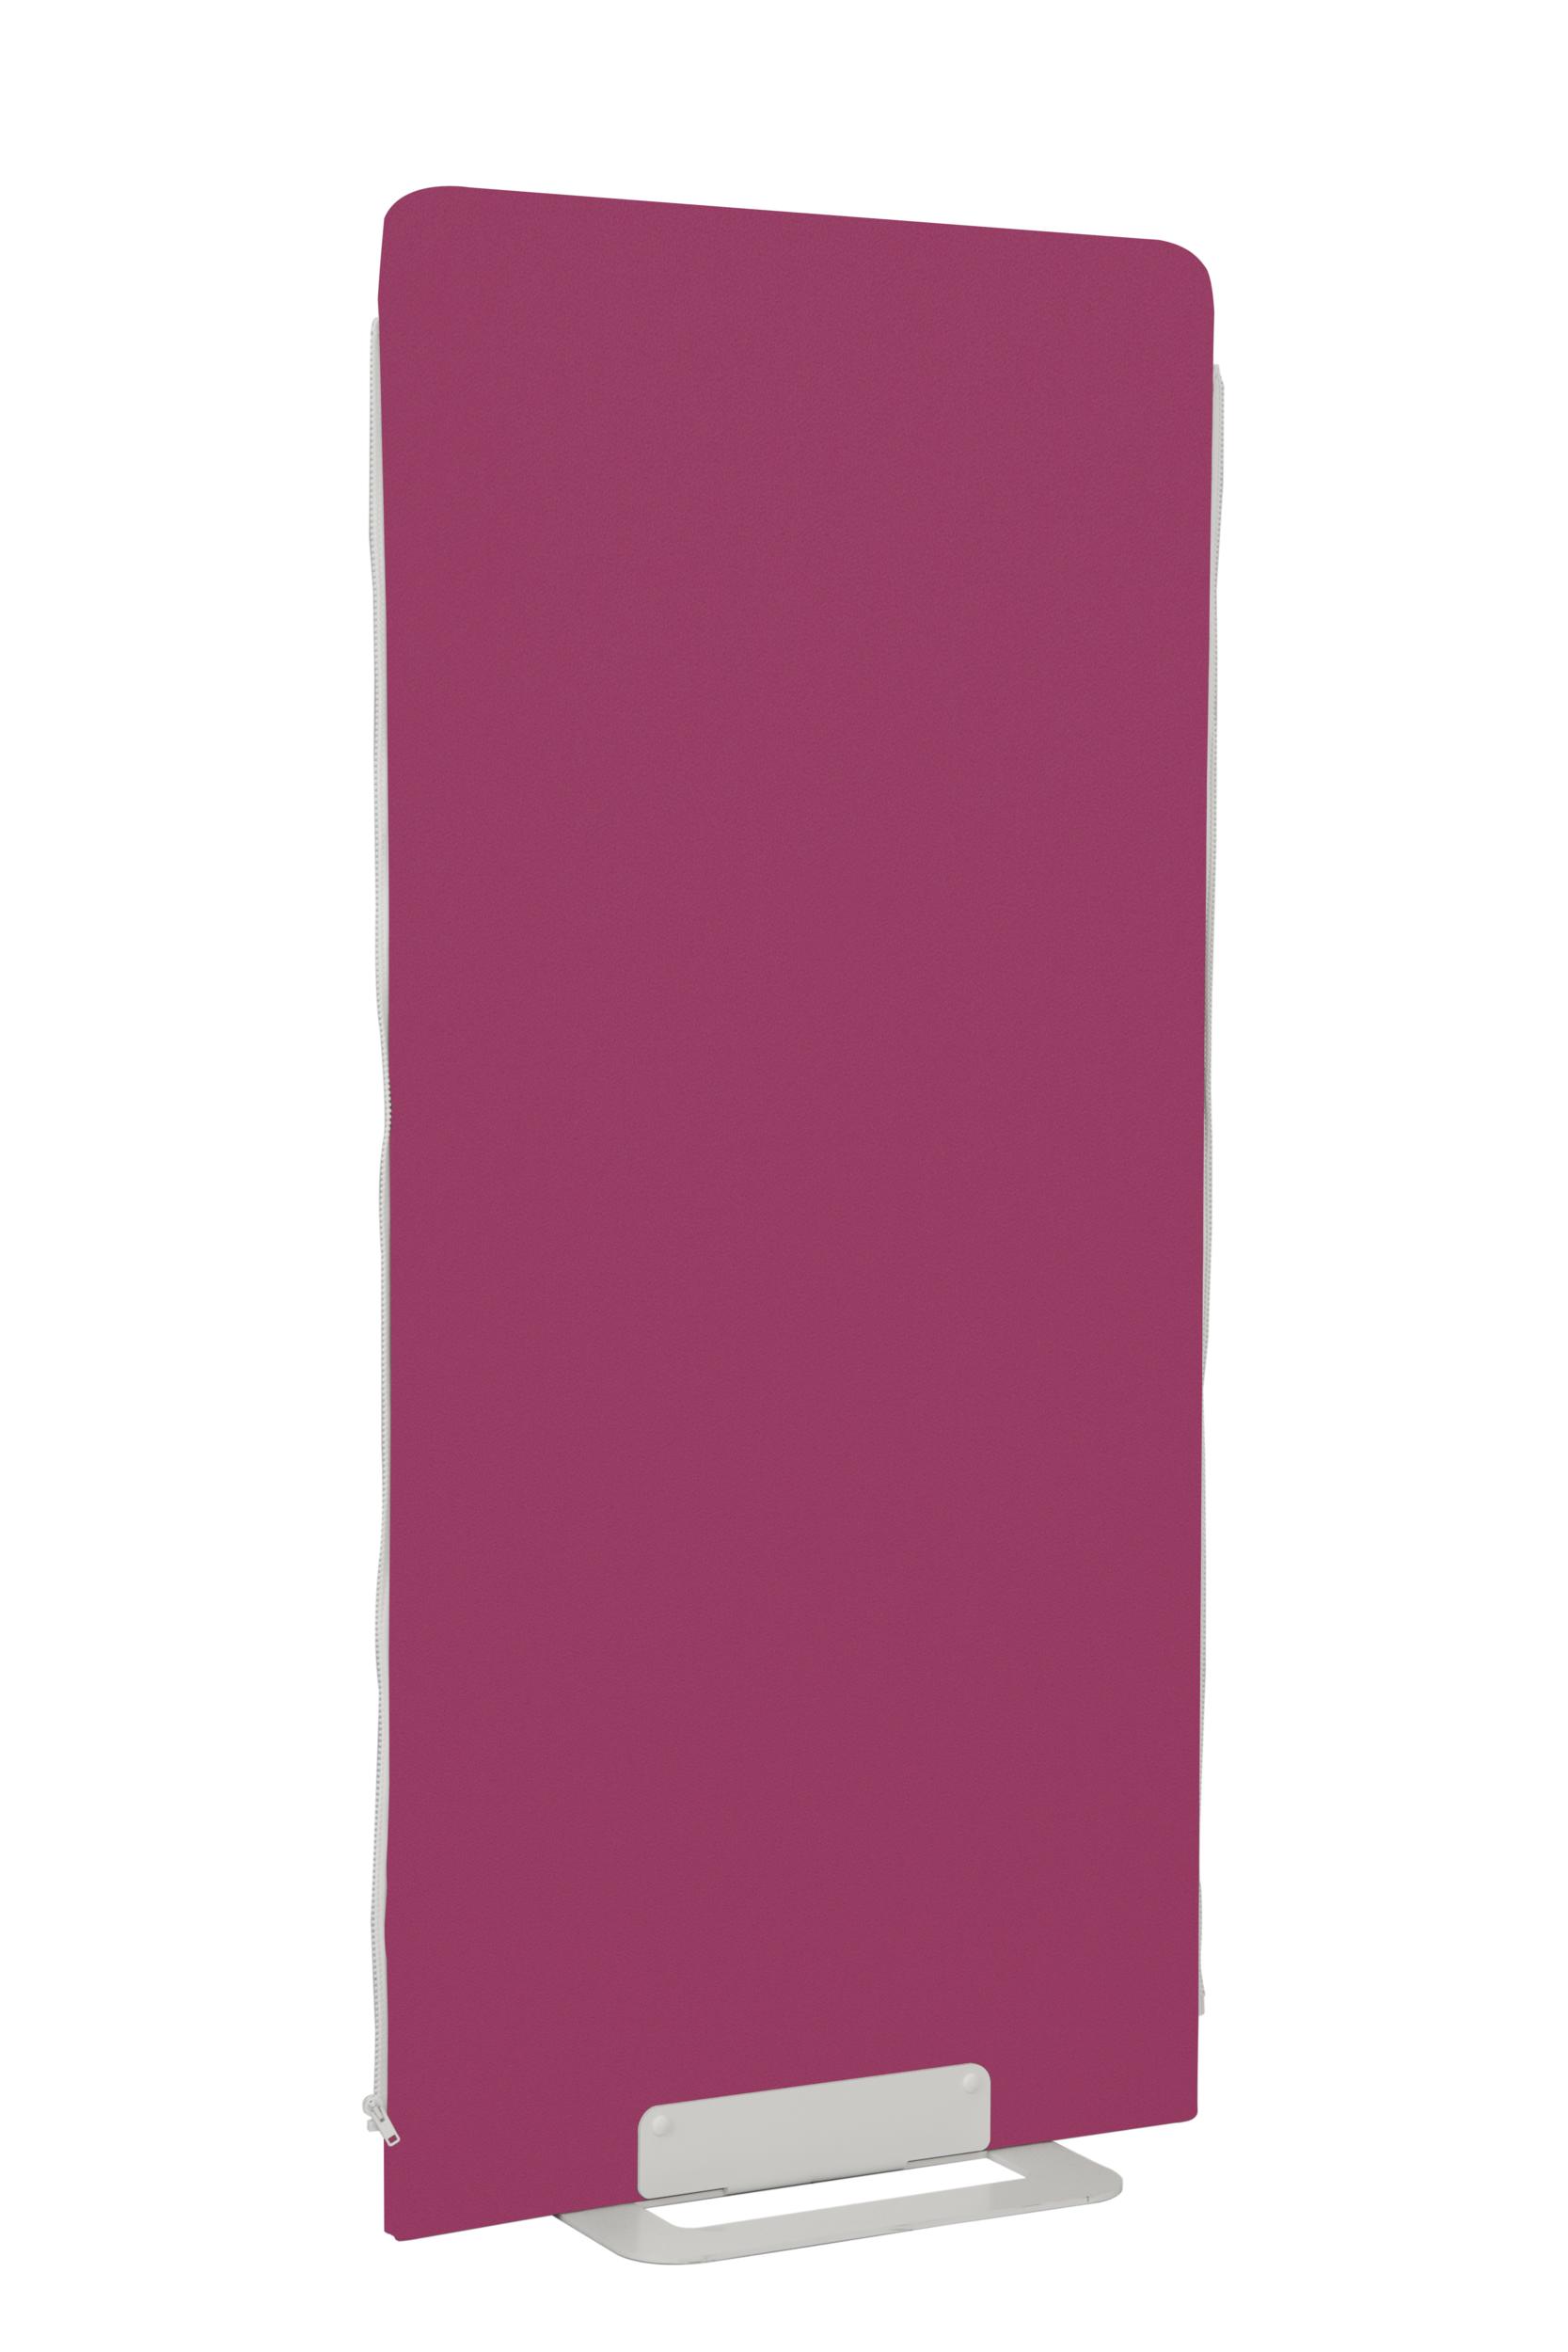 CLOISON HAUTE LARGEUR 80CM FRAMBOISE